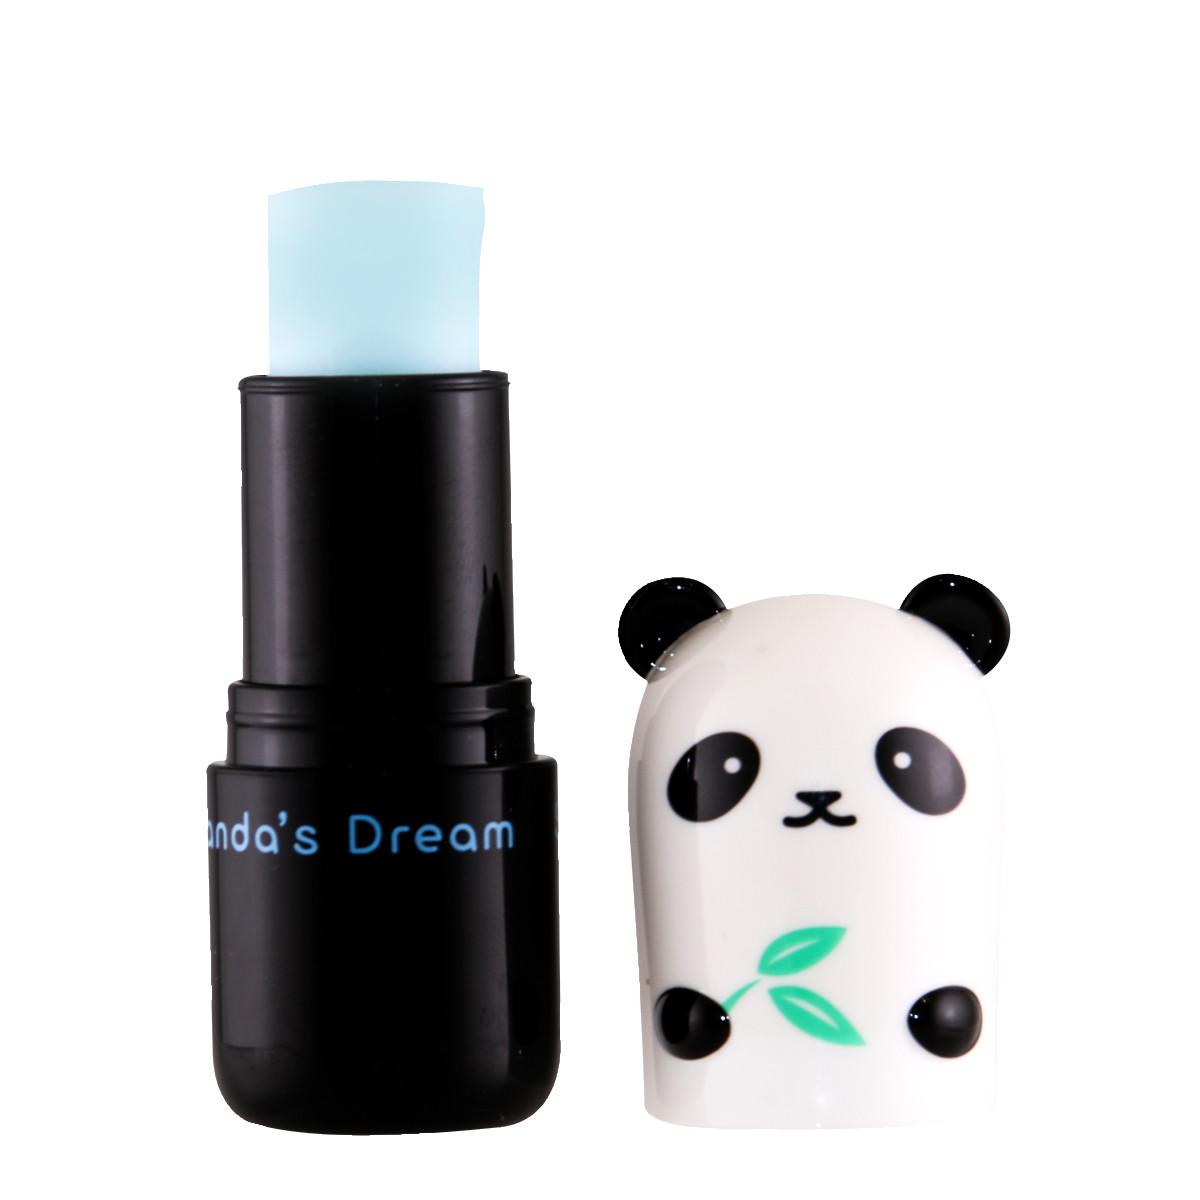 TonyMoly Охлаждающий стик для области вокруг глаз Pandas Dream So Cool Eye Stick, 9грFS-00103Охлаждающая сыворотка для области вокруг глаз в виде стика. Как и вся продукция Tony Moly имеет восхитительный дизайн, выполненный в виде милой панды. Основные компоненты: ниацинамид, галоксил, экстракт сибирского крыжовника, аденозин, ледниковая вода, морская вода. - ледниковая вода придаст коже вокруг глаз ощущение свежести и охлаждения, а подверженная сухости кожа глаз моментально увлажняется; - морская вода выводит токсины и улучшает микроциркуляцию; - ниацинамид защищает кожу от солнечных лучей и улучшает ее эластичность; - аденозин - аминокислота возвращает упругость кожи, предотвращает появление морщин; - экстракты актинидии и бамбука осветляют темные круги под глазами, возвращают молодость и нежность вашей коже. Не содержит парабенов, минерального масла, бензофенона, ГМО, триэтаноламина и т.д.